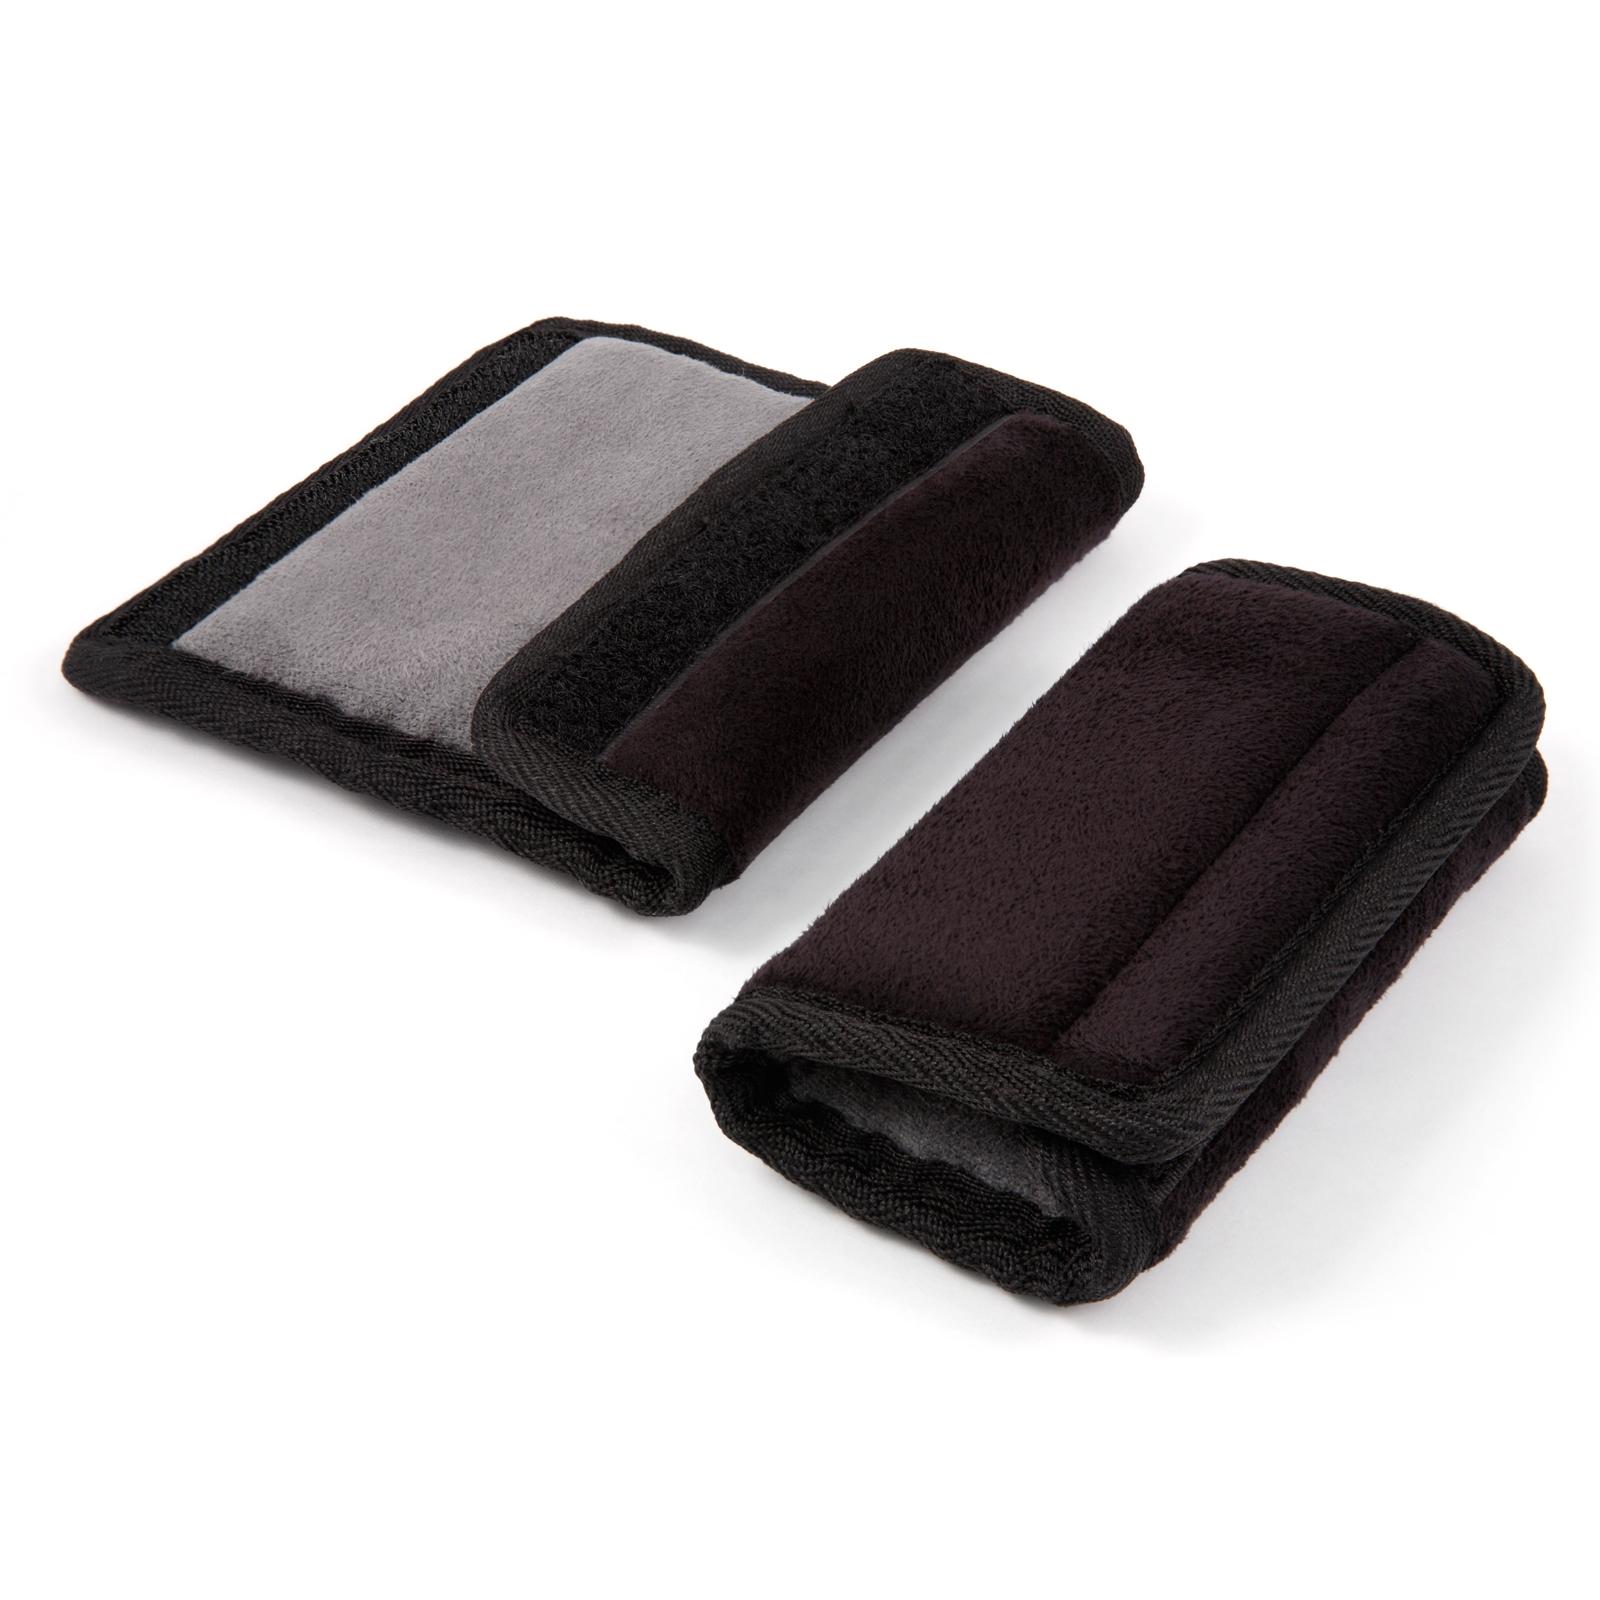 Protectii centuri scaun auto Soft Wraps